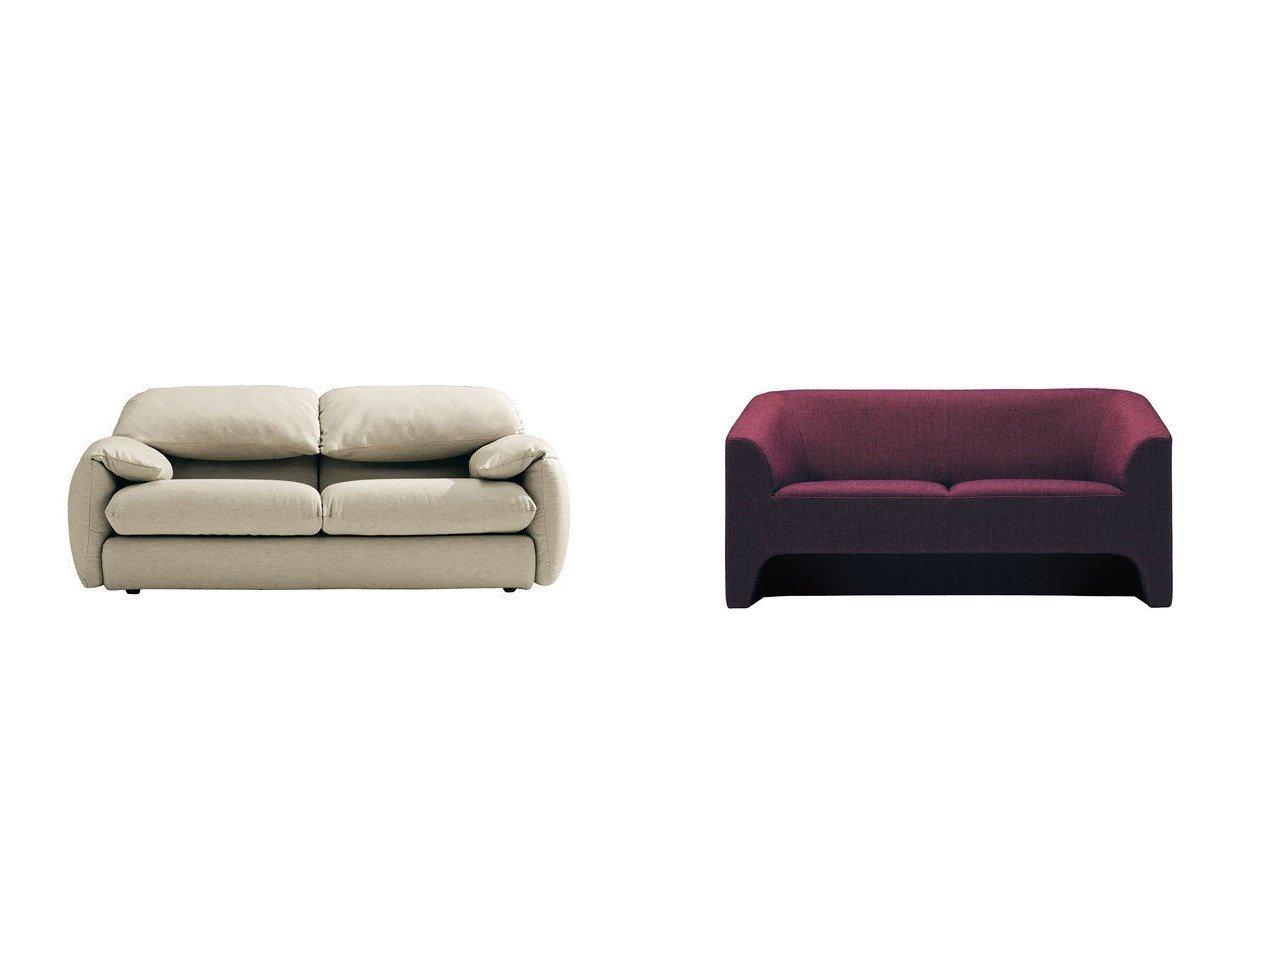 【FLYMEe BASIC/フライミー ベーシック】の2人掛けソファ f18650&【HUKLA/フクラ】のエディナ 2人掛けソファ 【FURNITURE ソファ】おすすめ!人気、インテリア雑貨・家具の通販 おすすめで人気の流行・トレンド、ファッションの通販商品 インテリア・家具・メンズファッション・キッズファッション・レディースファッション・服の通販 founy(ファニー) https://founy.com/ シンプル クッション フィット ホーム・キャンプ・アウトドア Home,Garden,Outdoor,Camping Gear 家具・インテリア Furniture ソファー Sofa  ID:crp329100000044866